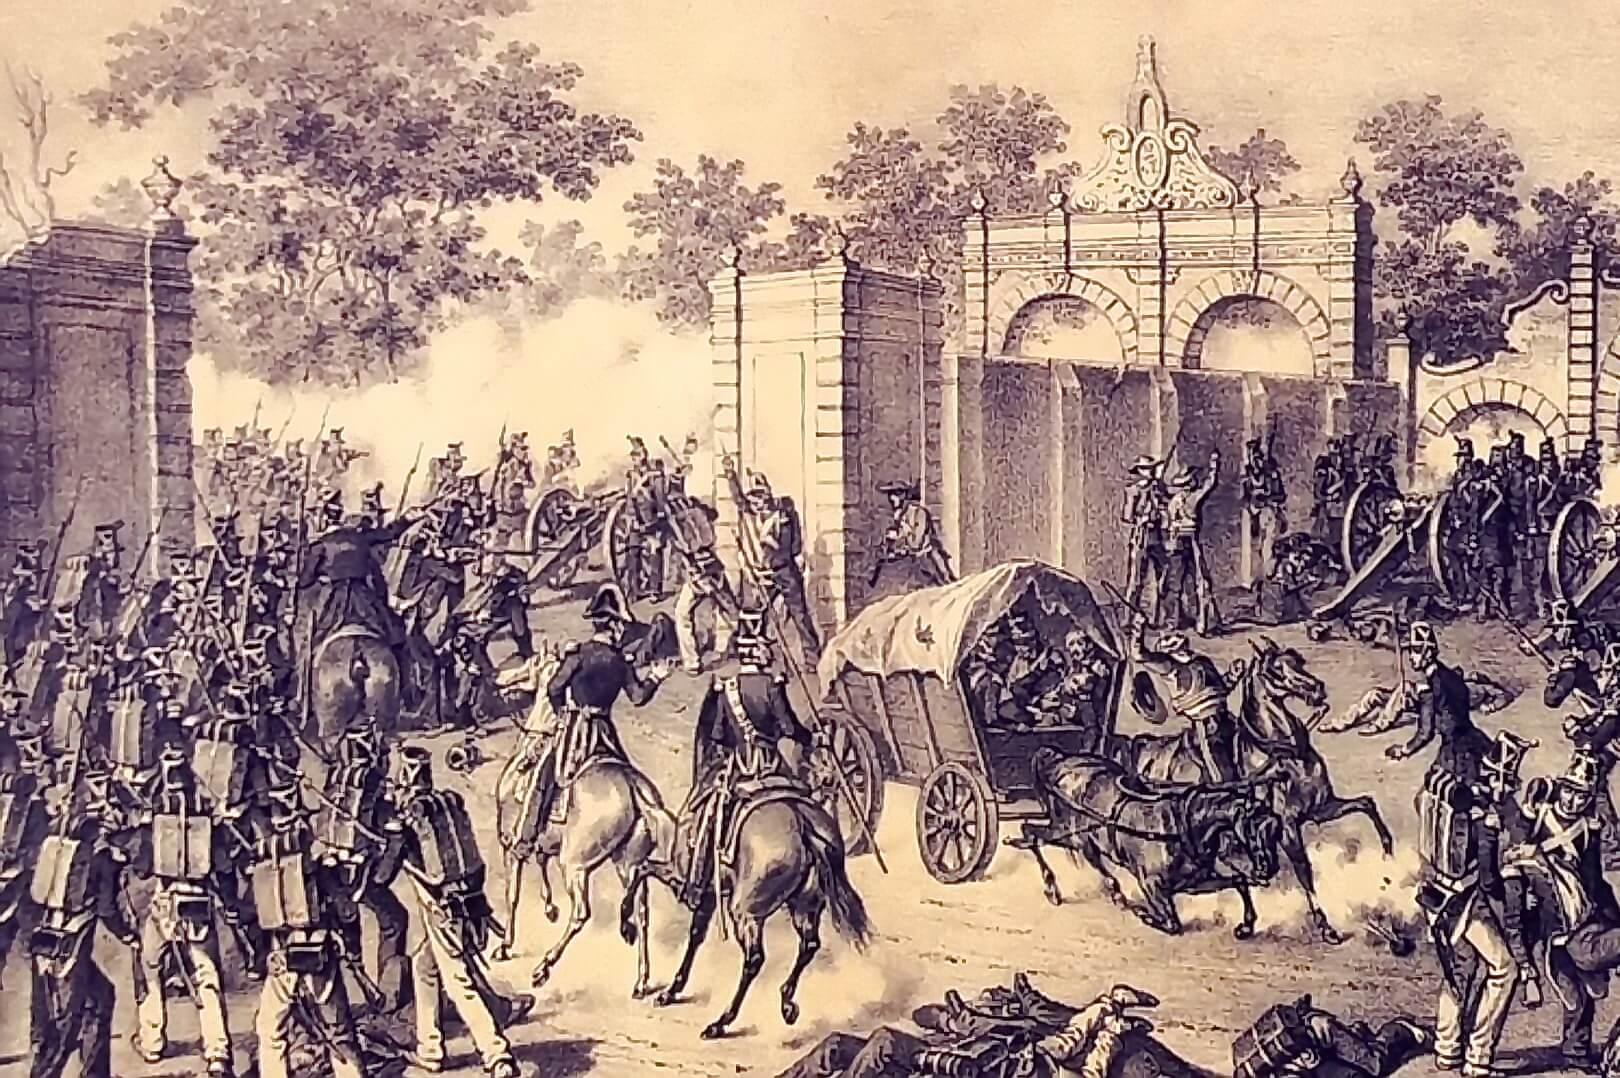 Guerra de la Reforma (1858 - 1861)